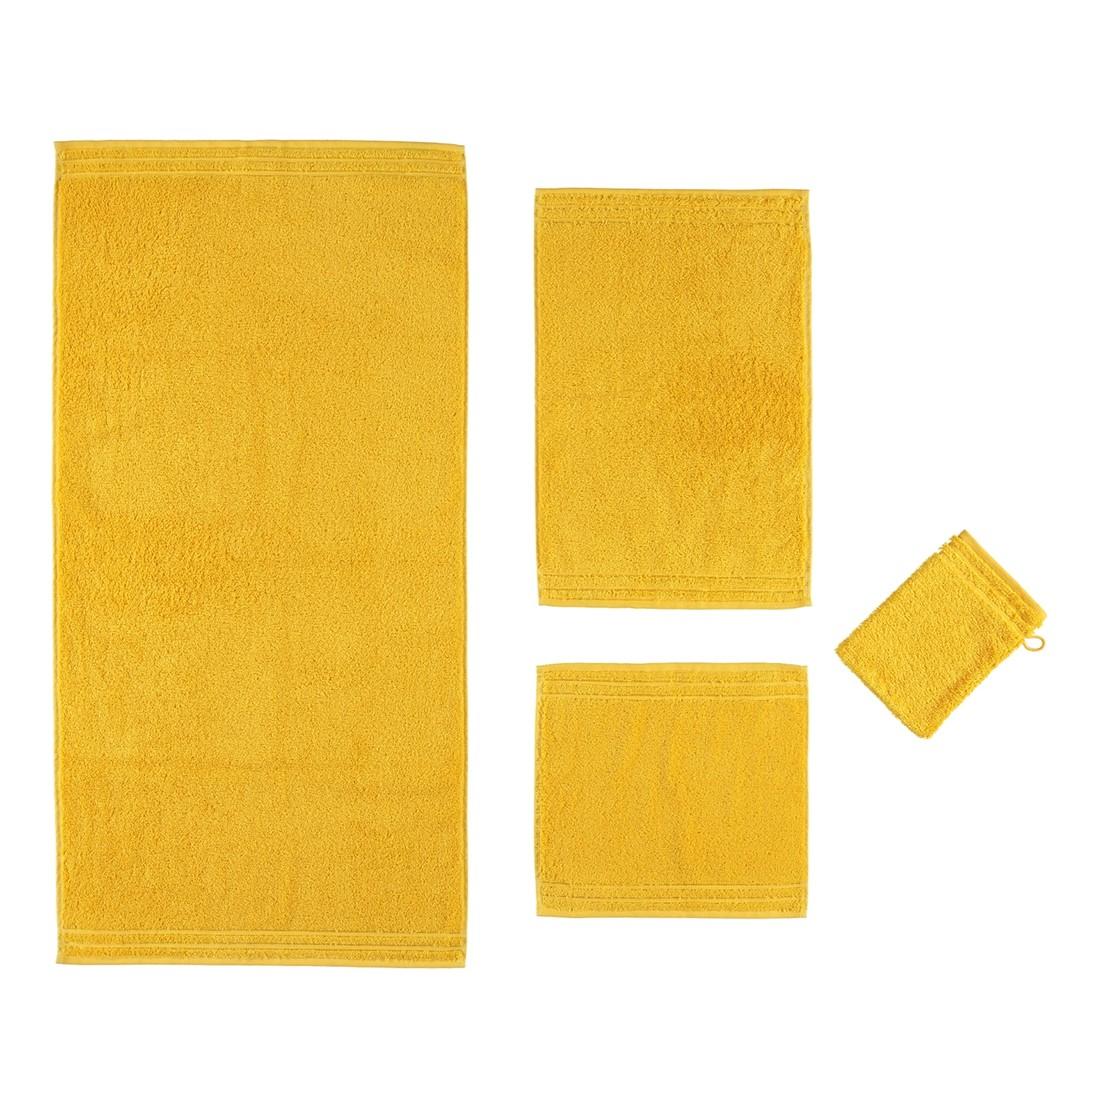 Handtuch Calypso Feeling – 100% Baumwolle safran – 180 – Duschtuch: 67×140 cm, Vossen jetzt kaufen